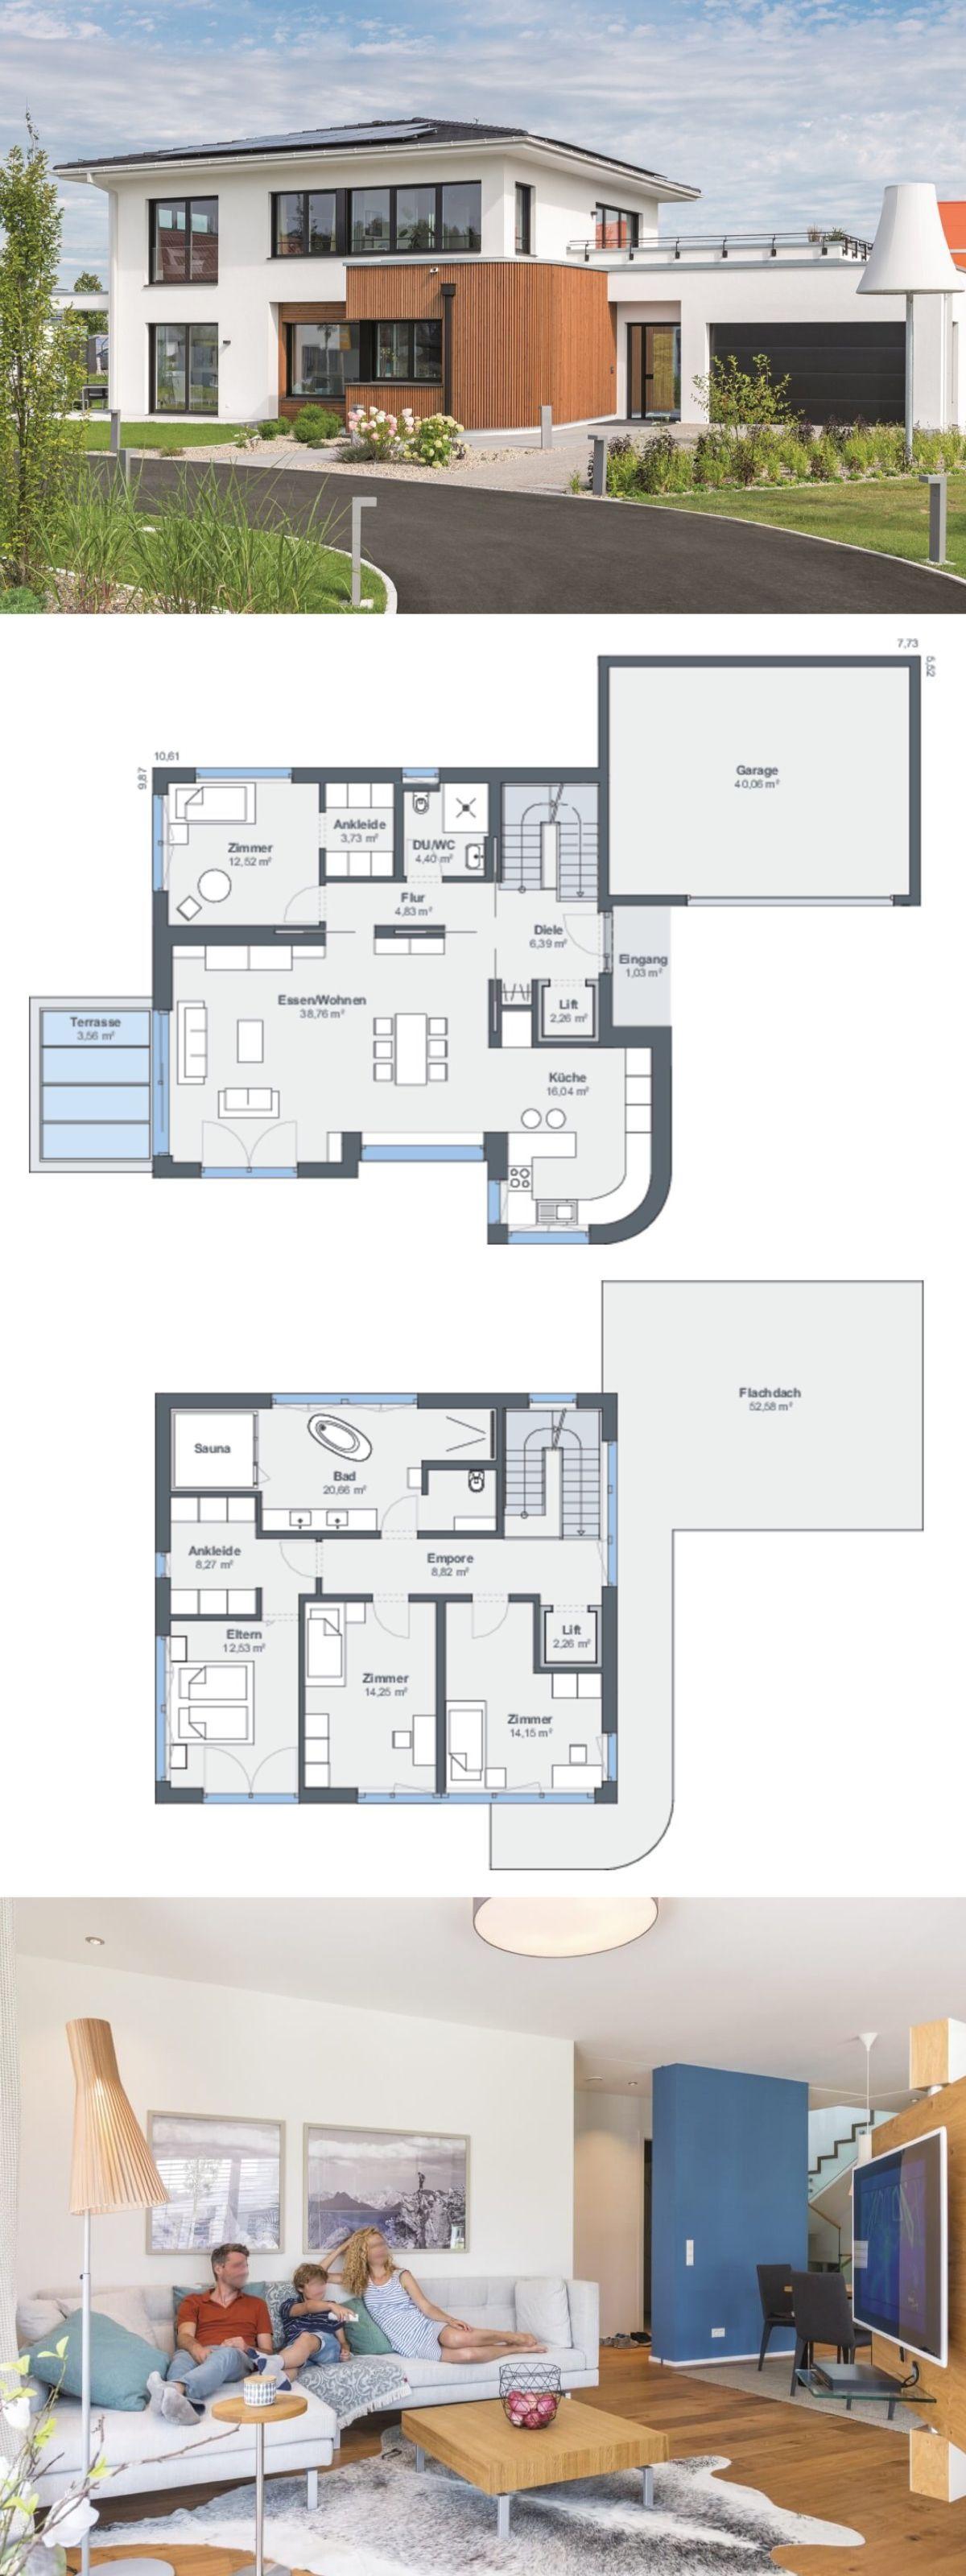 Elegante Stadtvilla modern mit Garage & Walmdach Architektur - Haus ...